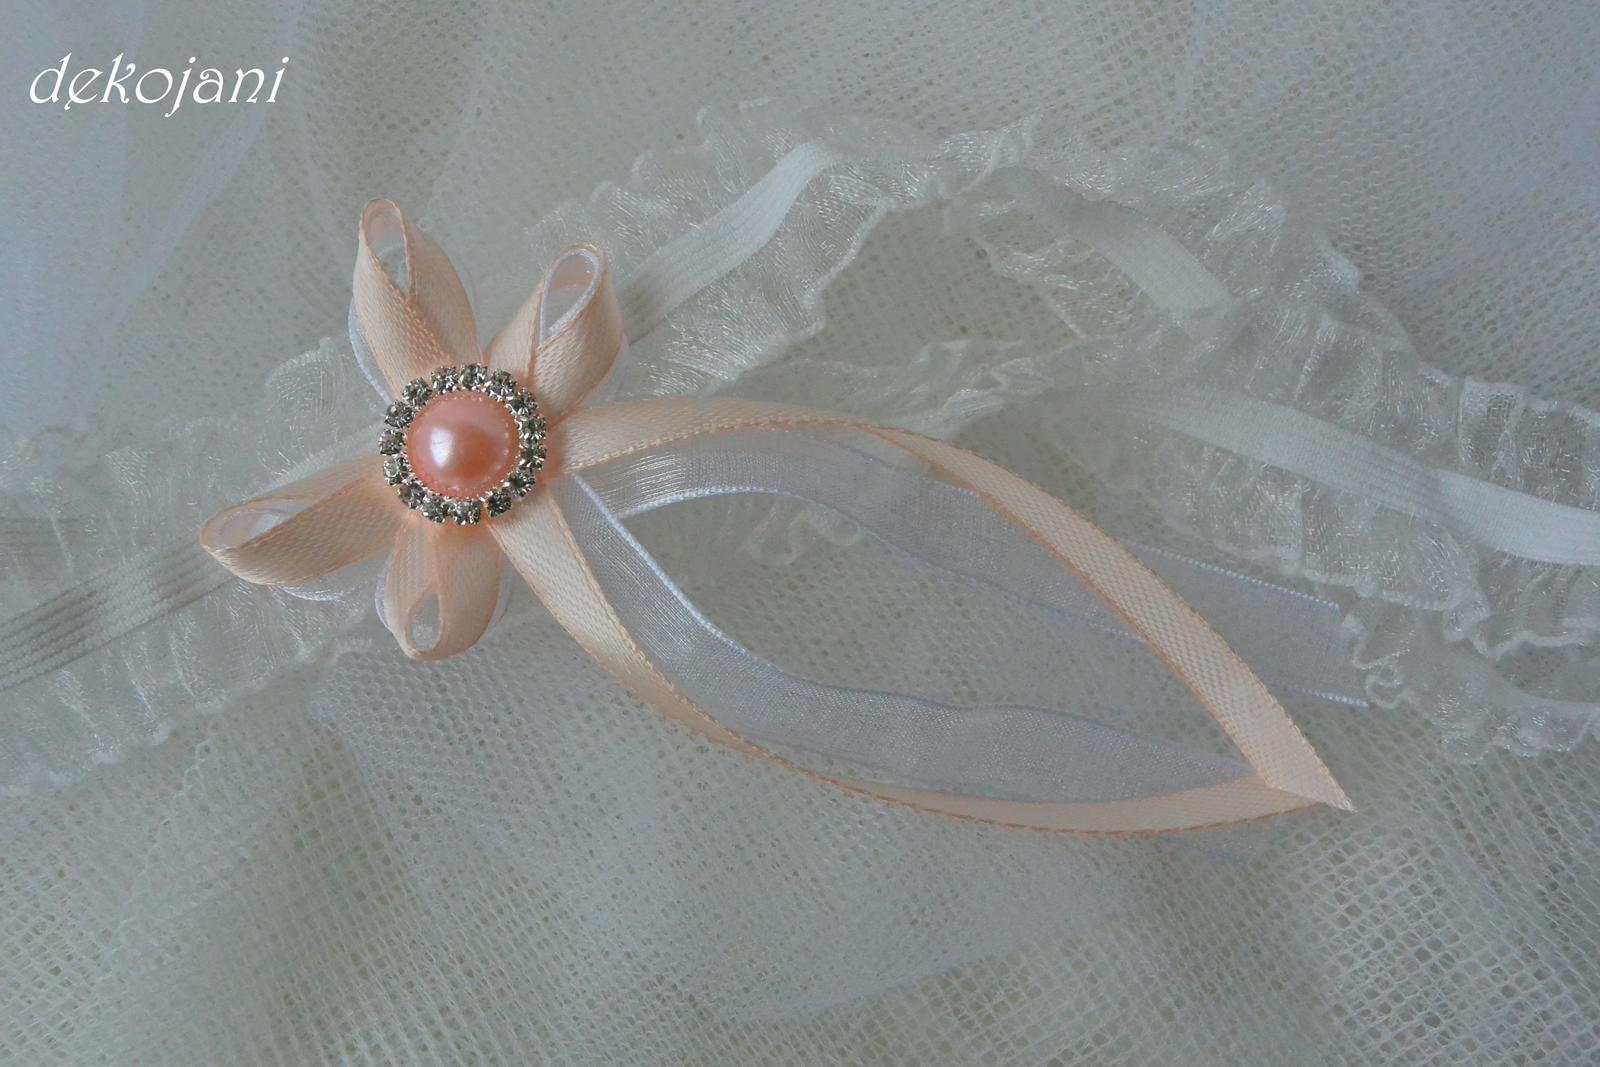 Svatební polštářek s meruňkovou broží - Obrázek č. 3